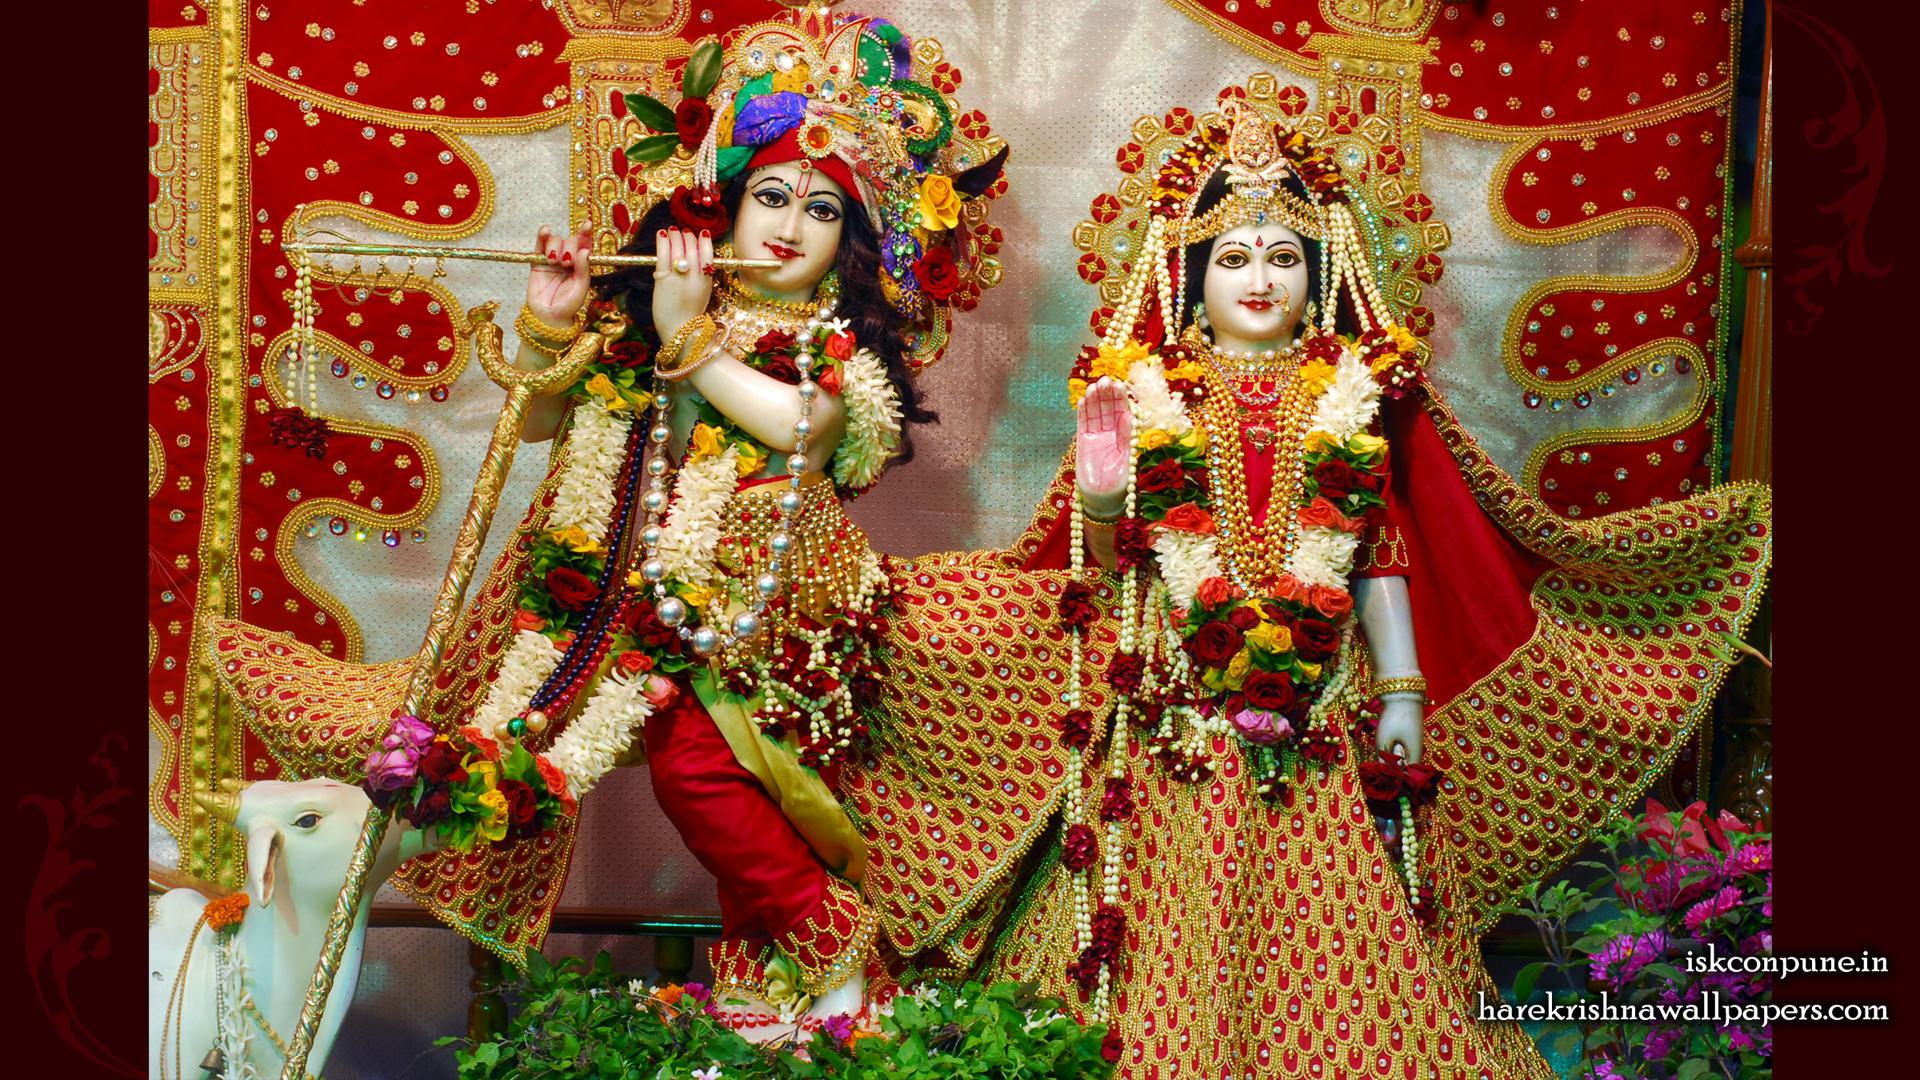 Sri Sri Radha Kunjabihari Wallpaper (004) Size 1920x1080 Download